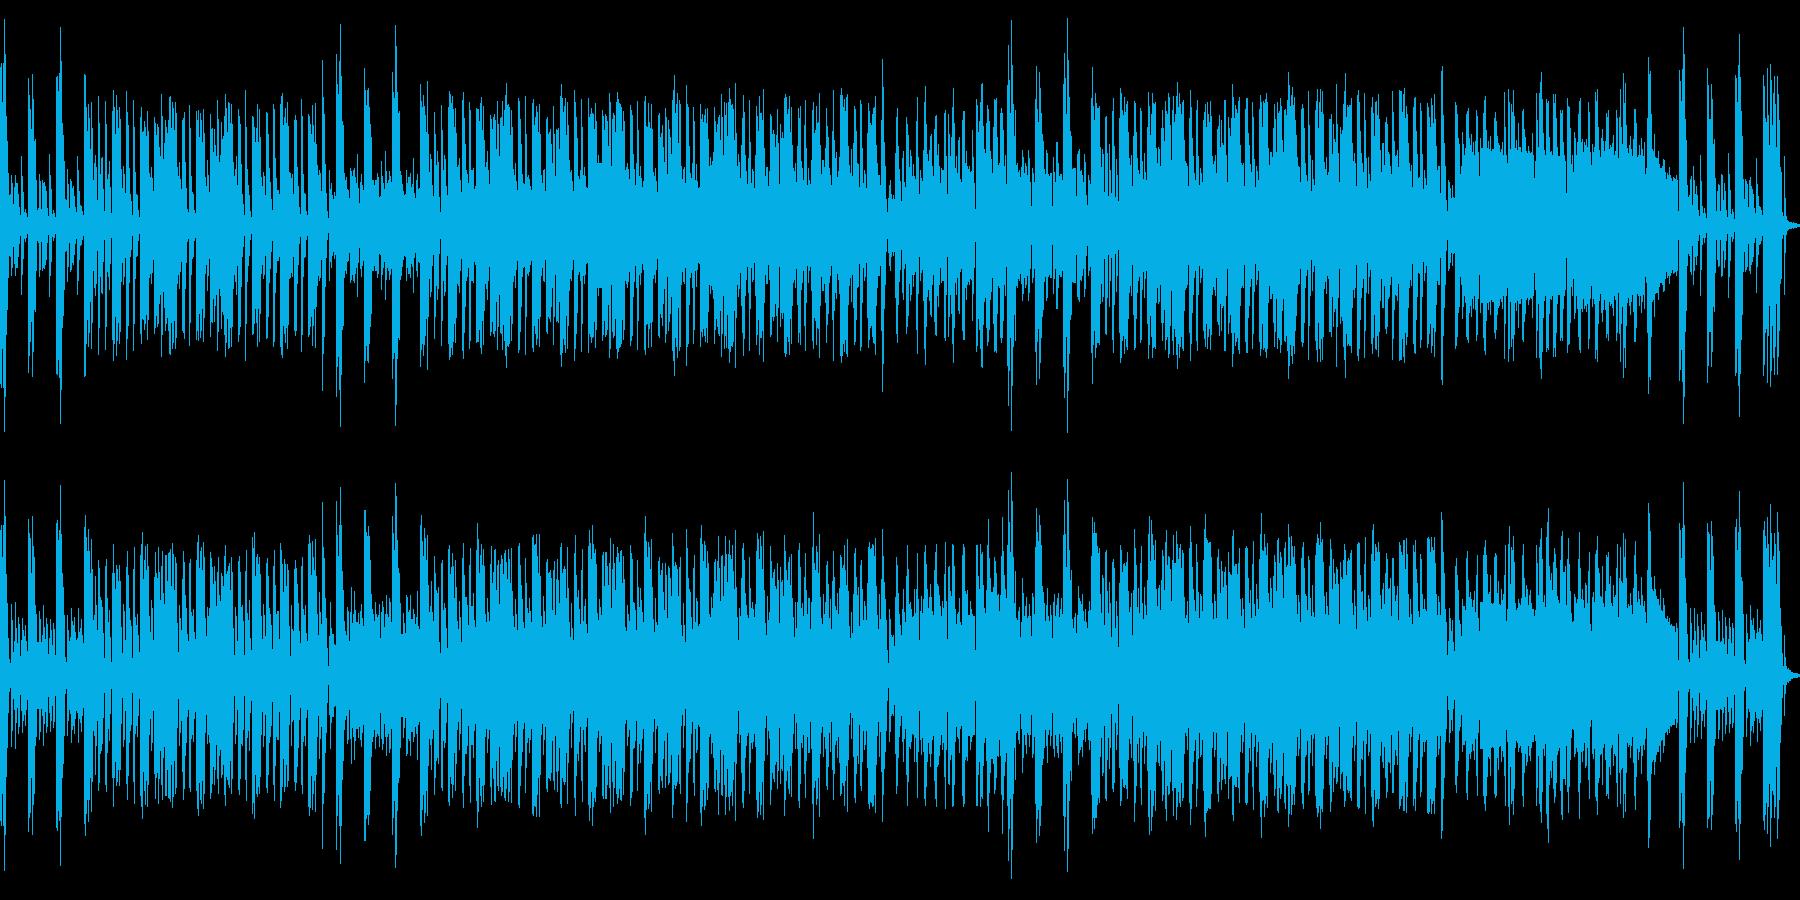 アコギとシンセ 8ビート 元気で ポップの再生済みの波形